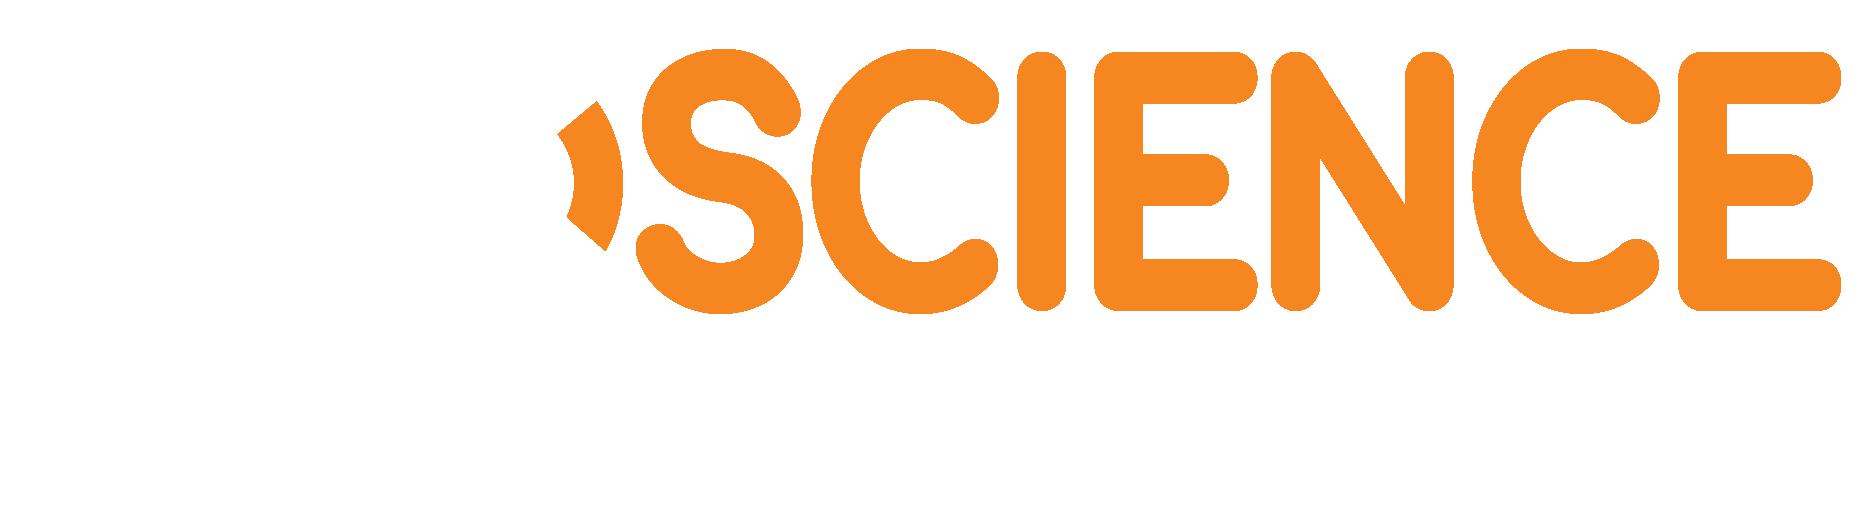 logo chân trang